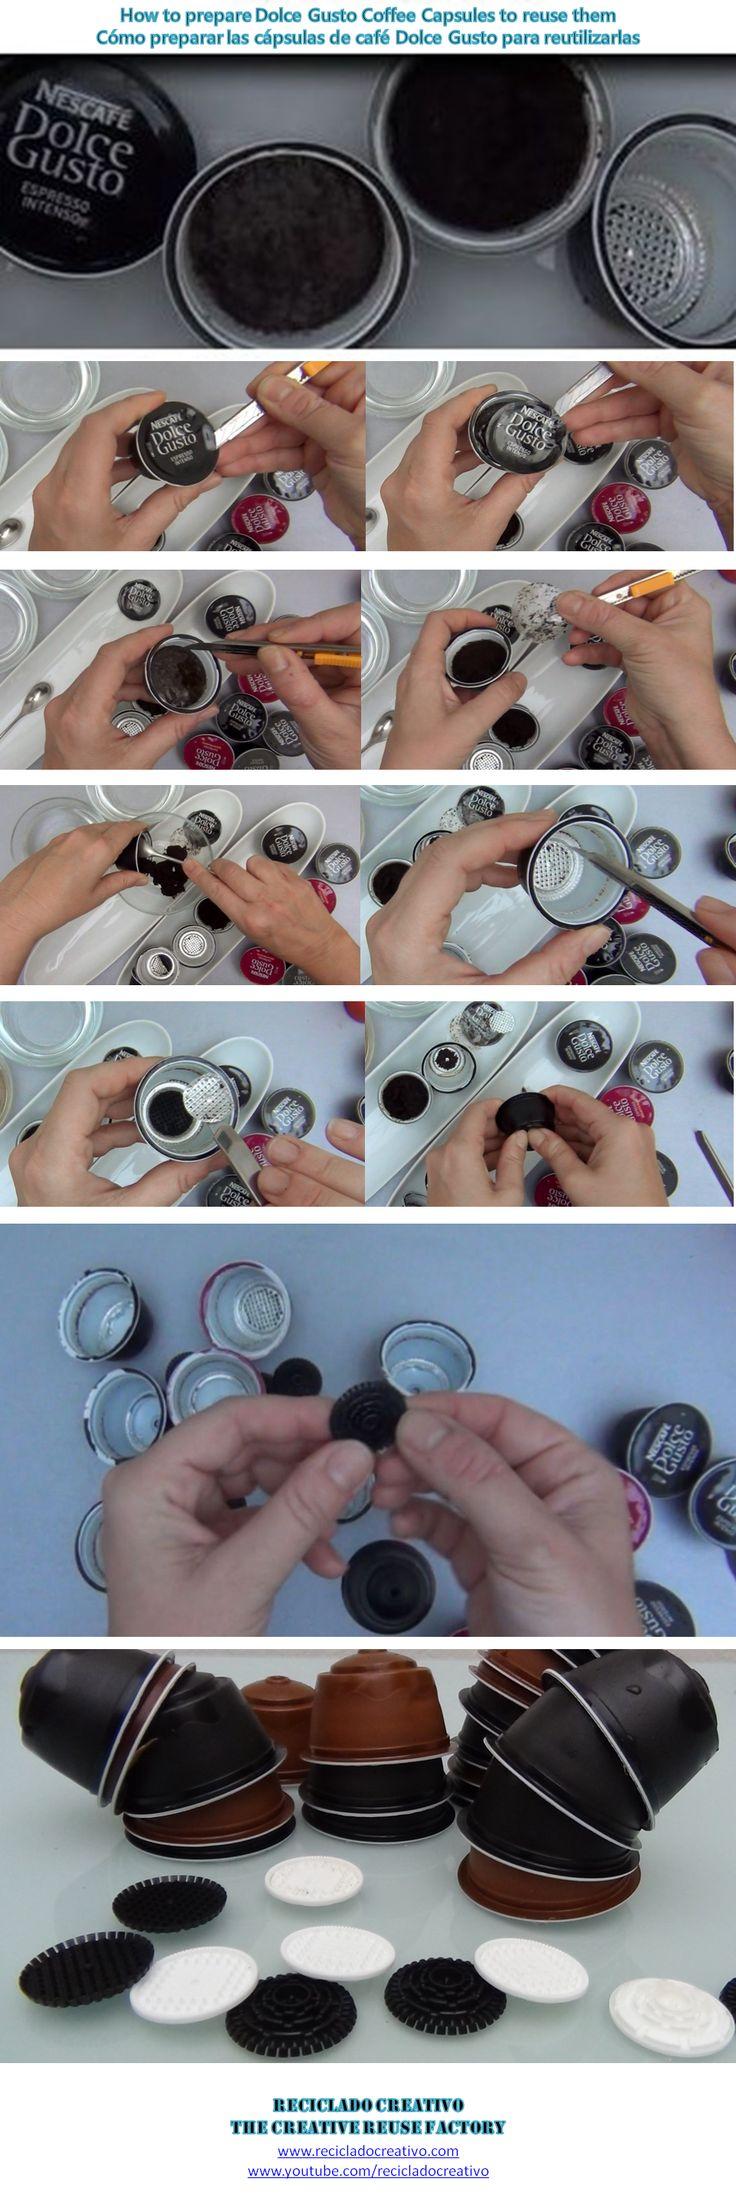 How to clean and prepare dolce gusto coffee capsules to recycle them - Cómo limpiar y preparar para reciclar las cápsulas de café Dolce Gusto